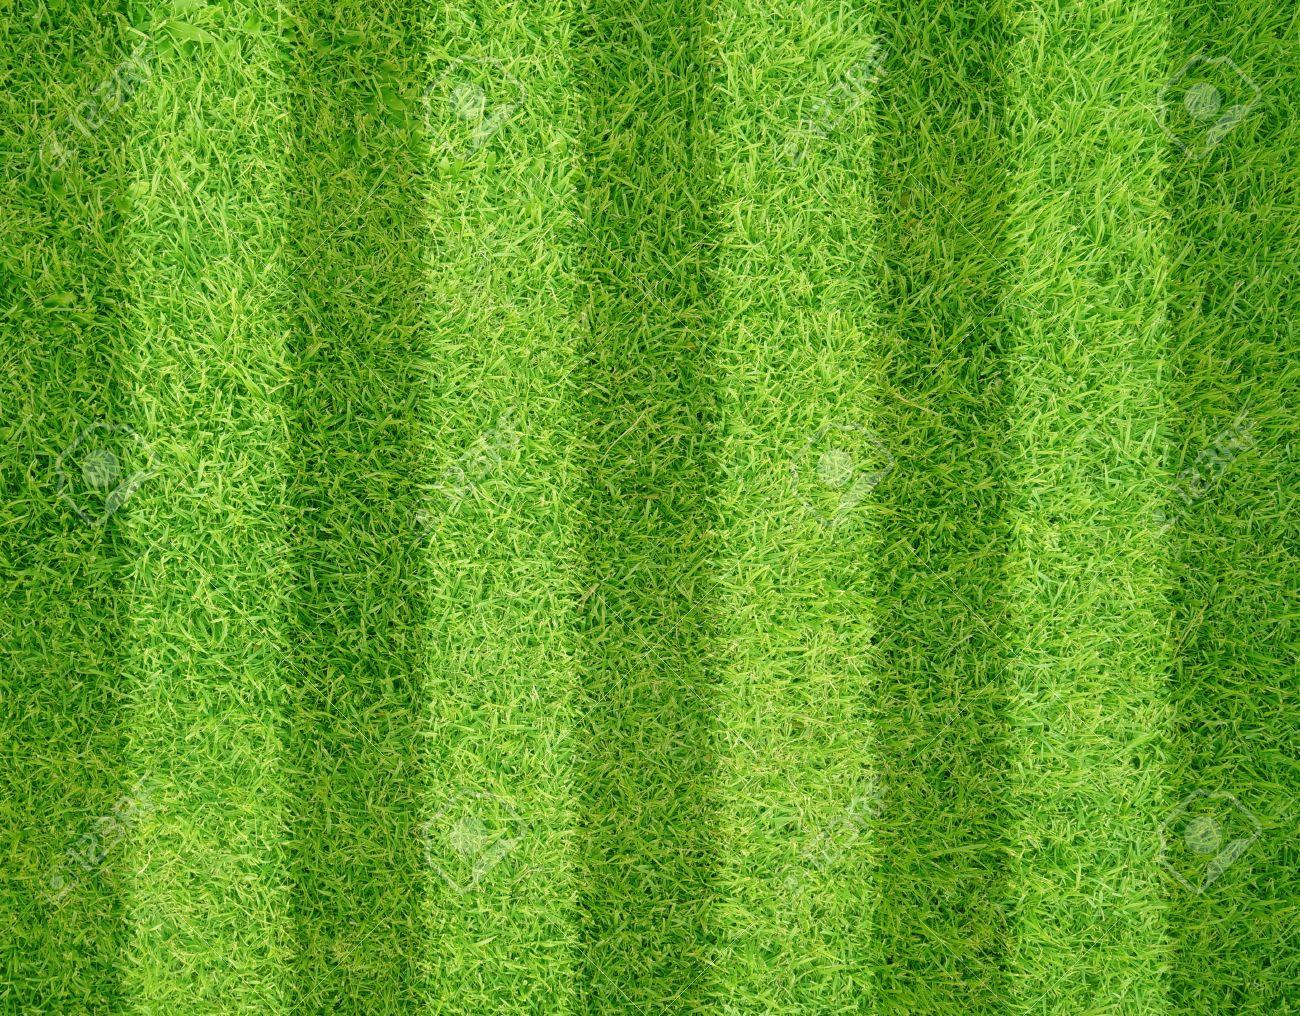 green grass football field picsart background green grass of football soccer field background stock photo 29137373 green grass of soccer field background